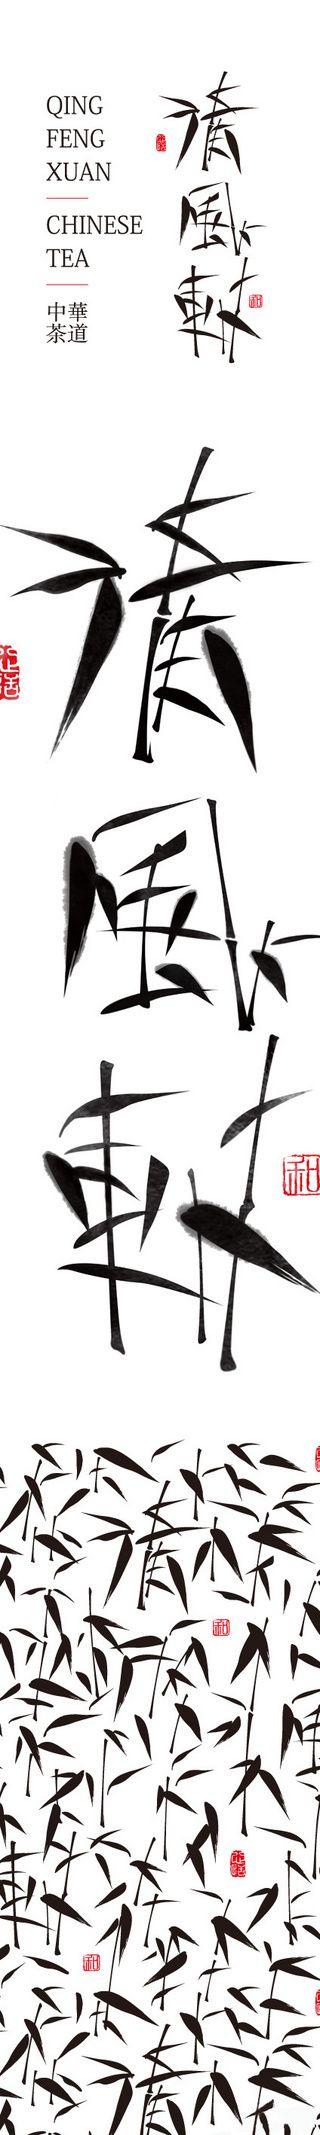 #字体秀#书法字体设计,中国字体秀,为字...@machine6666采集到type(383图)_花瓣平面设计